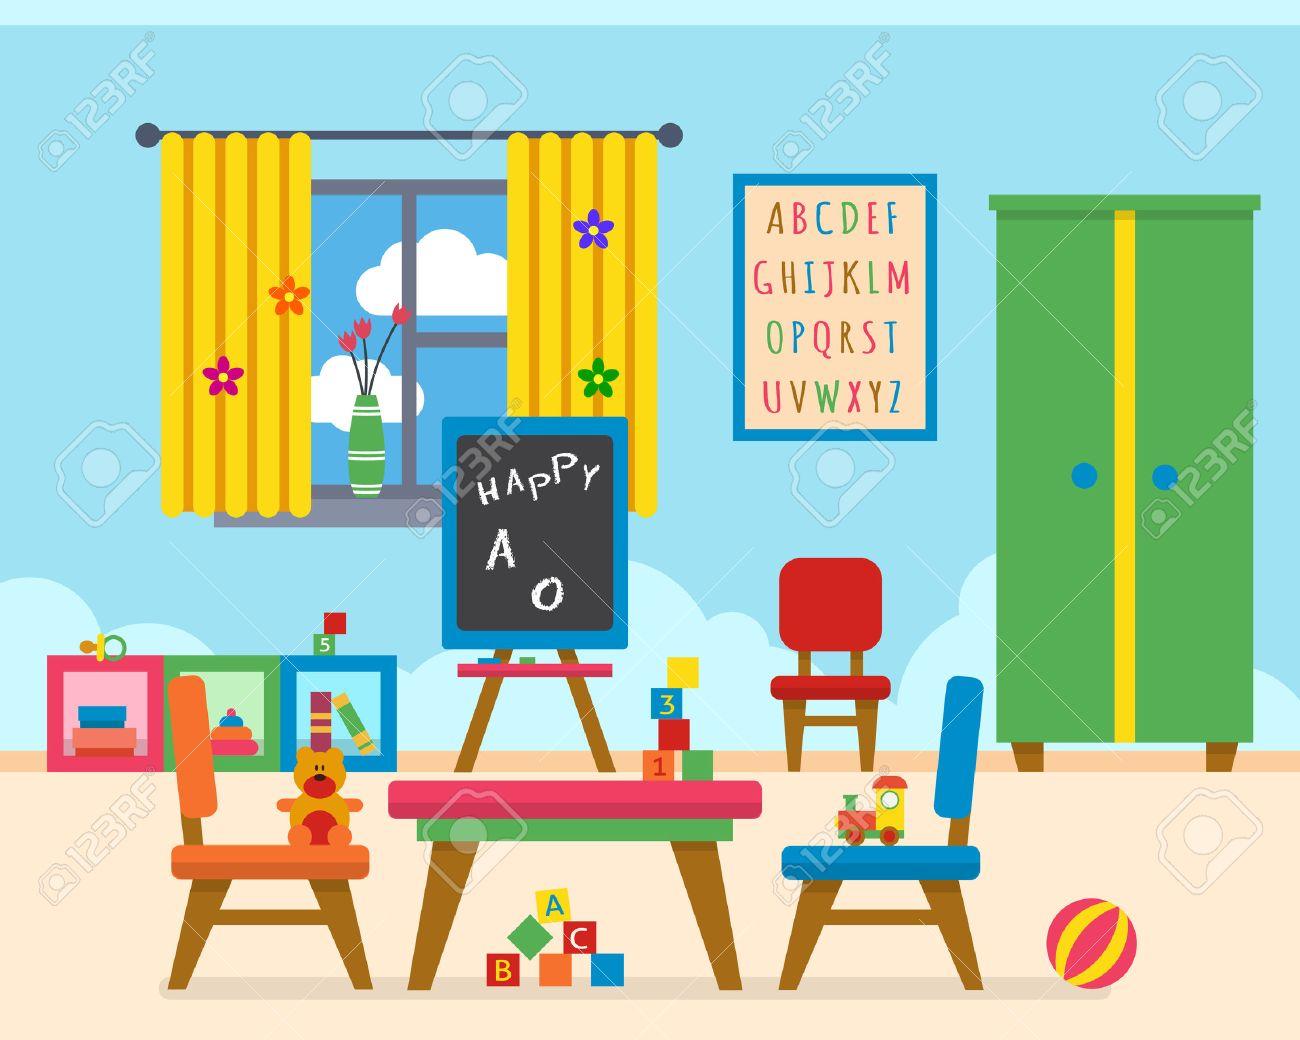 Foto De Archivo   Kindergarten Parque Infantil Preescolar. Mesa Para Niños  Con Juguetes, Armario, Cubos Y Pizarra. Ilustración Vectorial De Estilo  Flat.